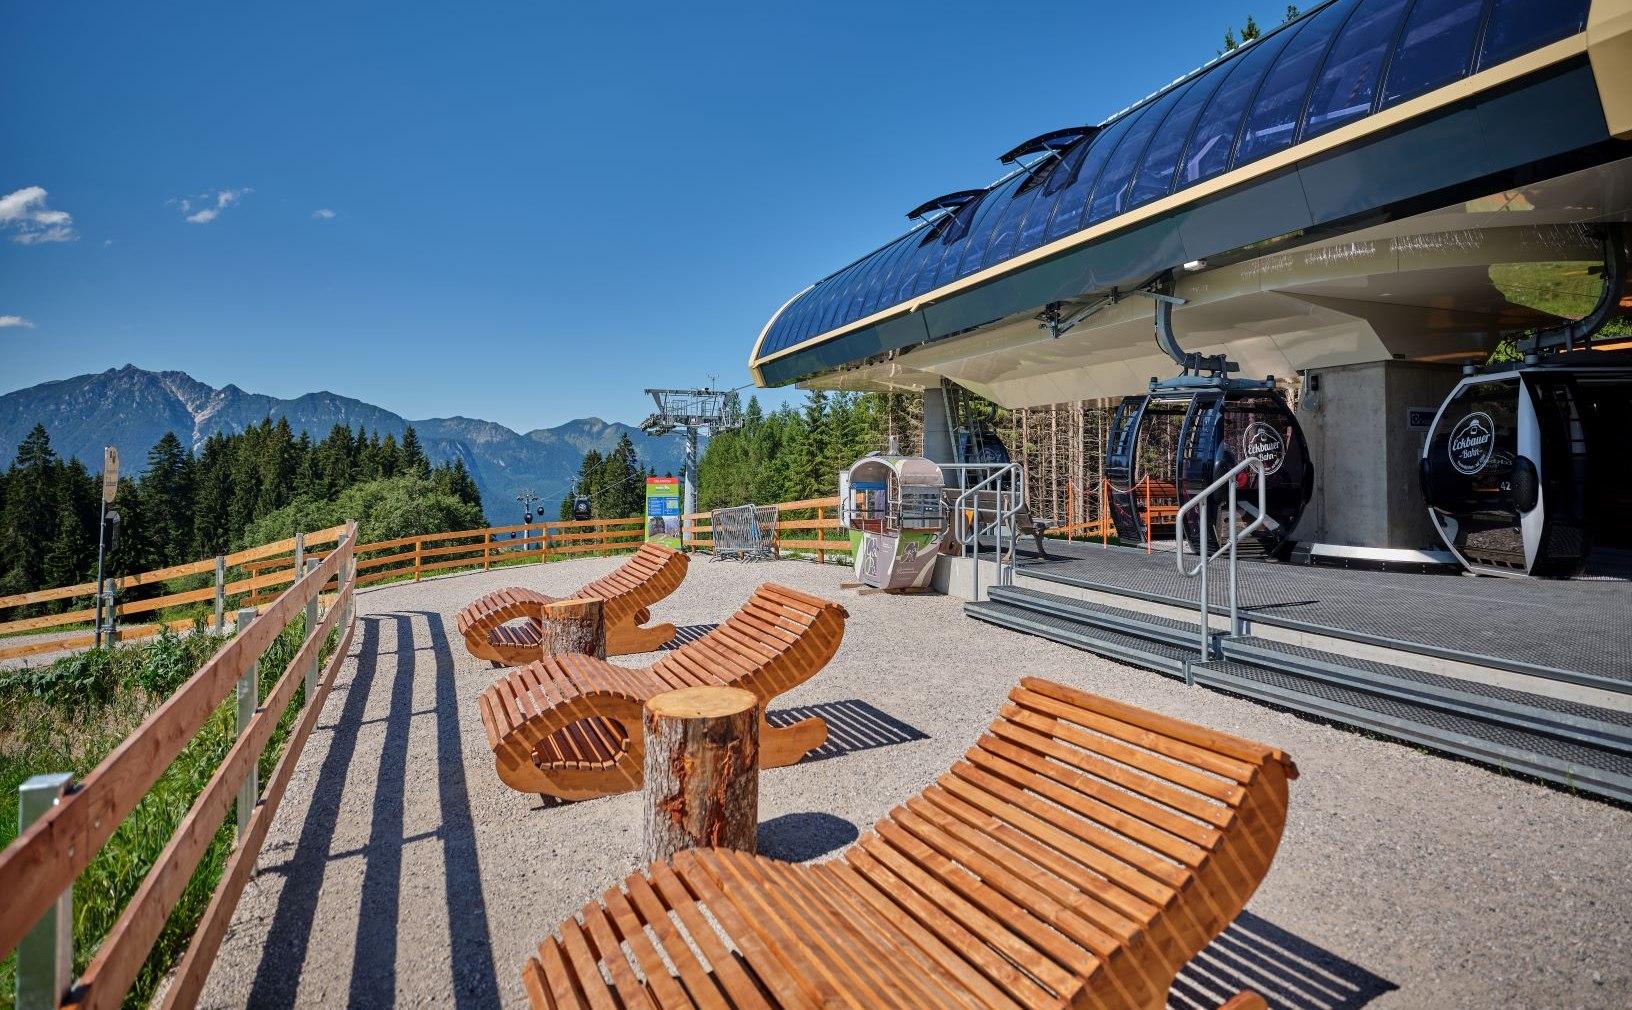 Eckbauer mountain station, © Eckbauerbahn - Marc Gilsdorf